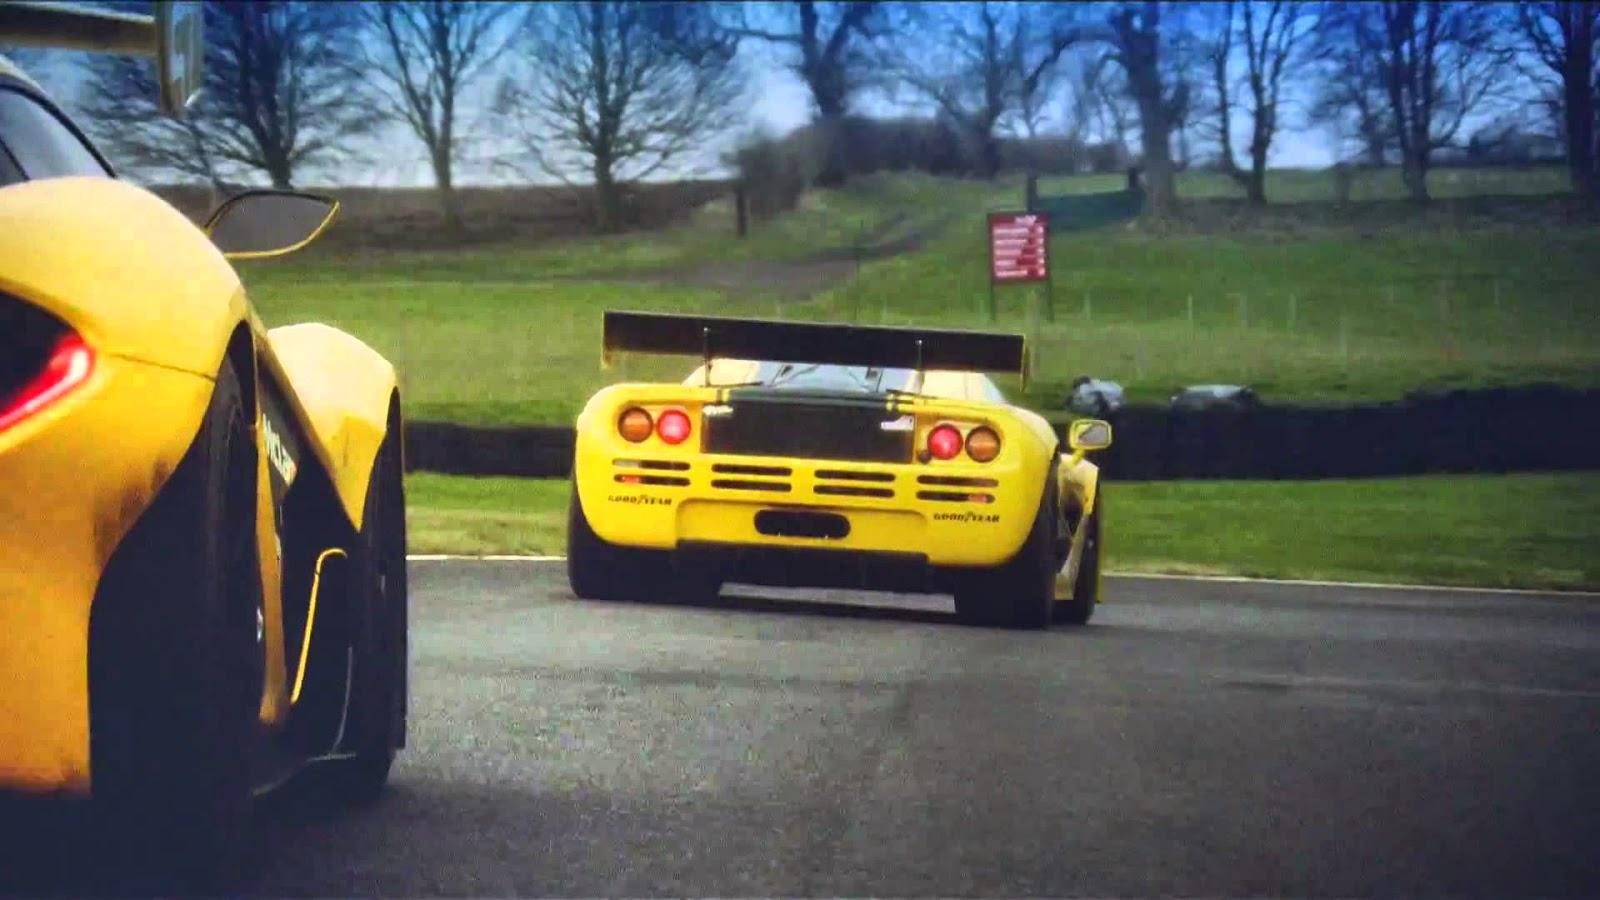 McLaren2BP125E2258425A22BGTR2Bmeets2Bthe2Biconic2BMcLaren2BF12BGTR Η McLaren P1 GTR των 1000 ίππων συναντά τον θρύλο McLaren F1 GTR στην πίστα mclaren, mclaren f1, mclaren f1 gtr, videos